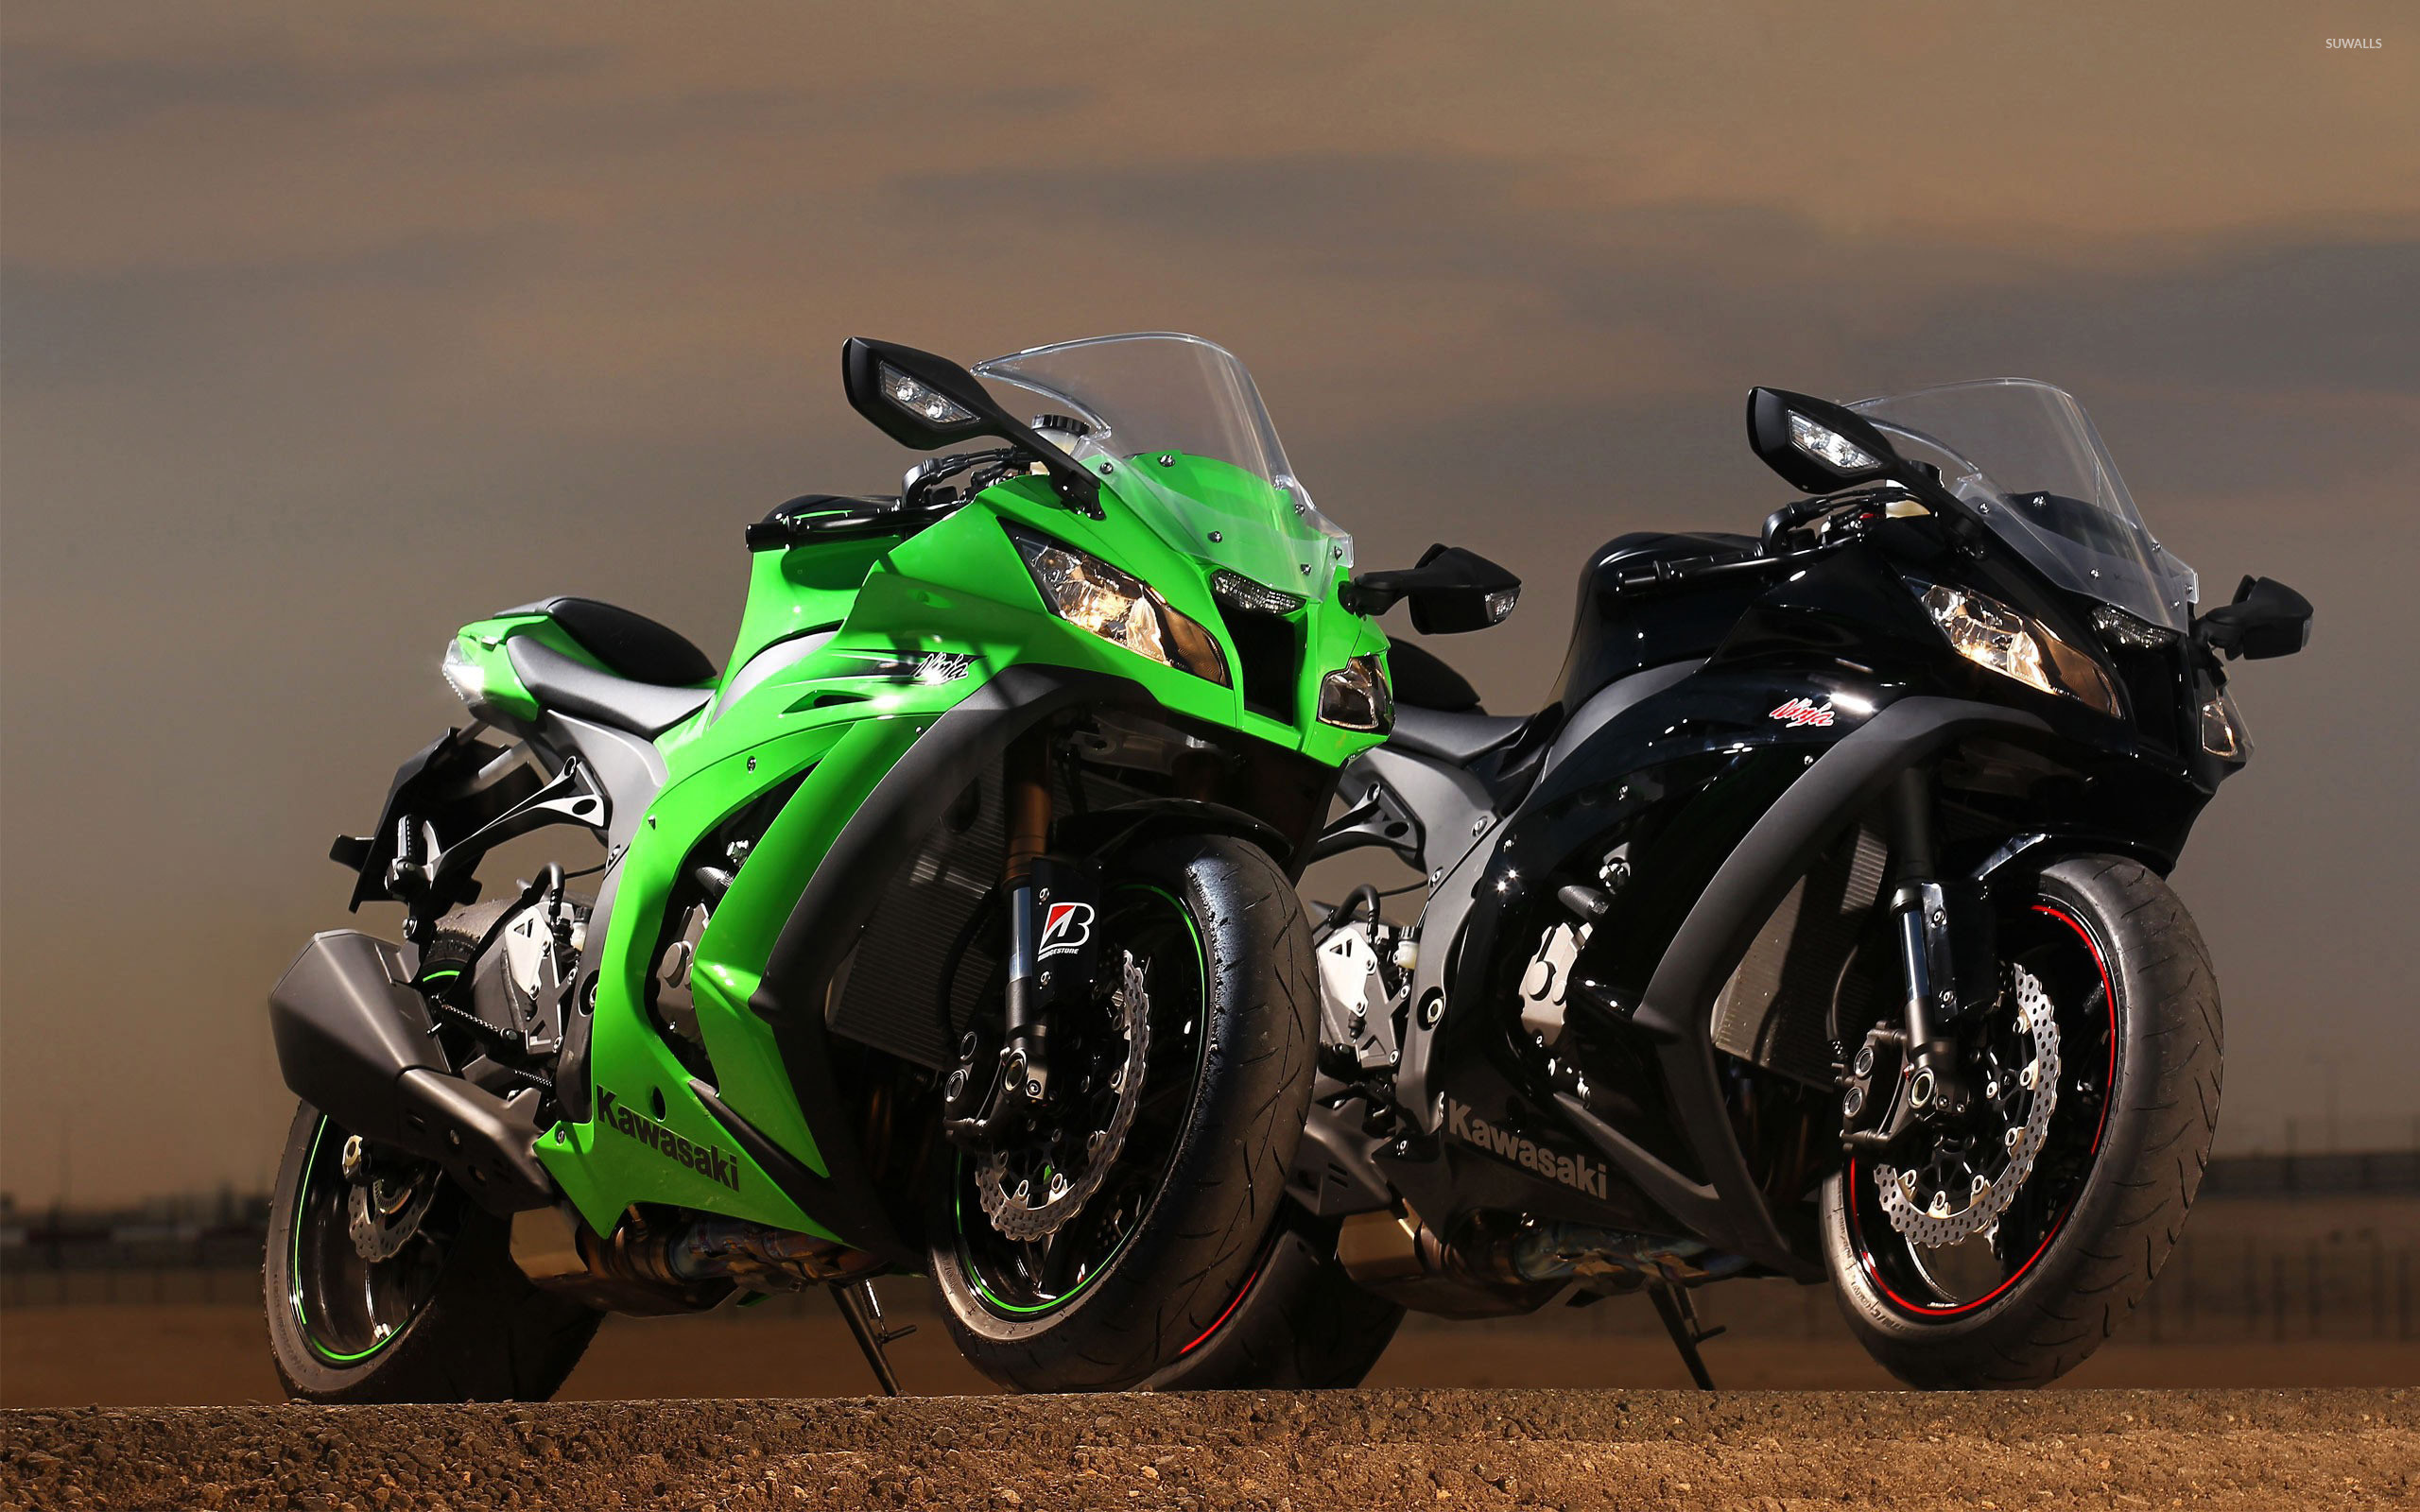 2014 Kawasaki Ninja Zx 10r